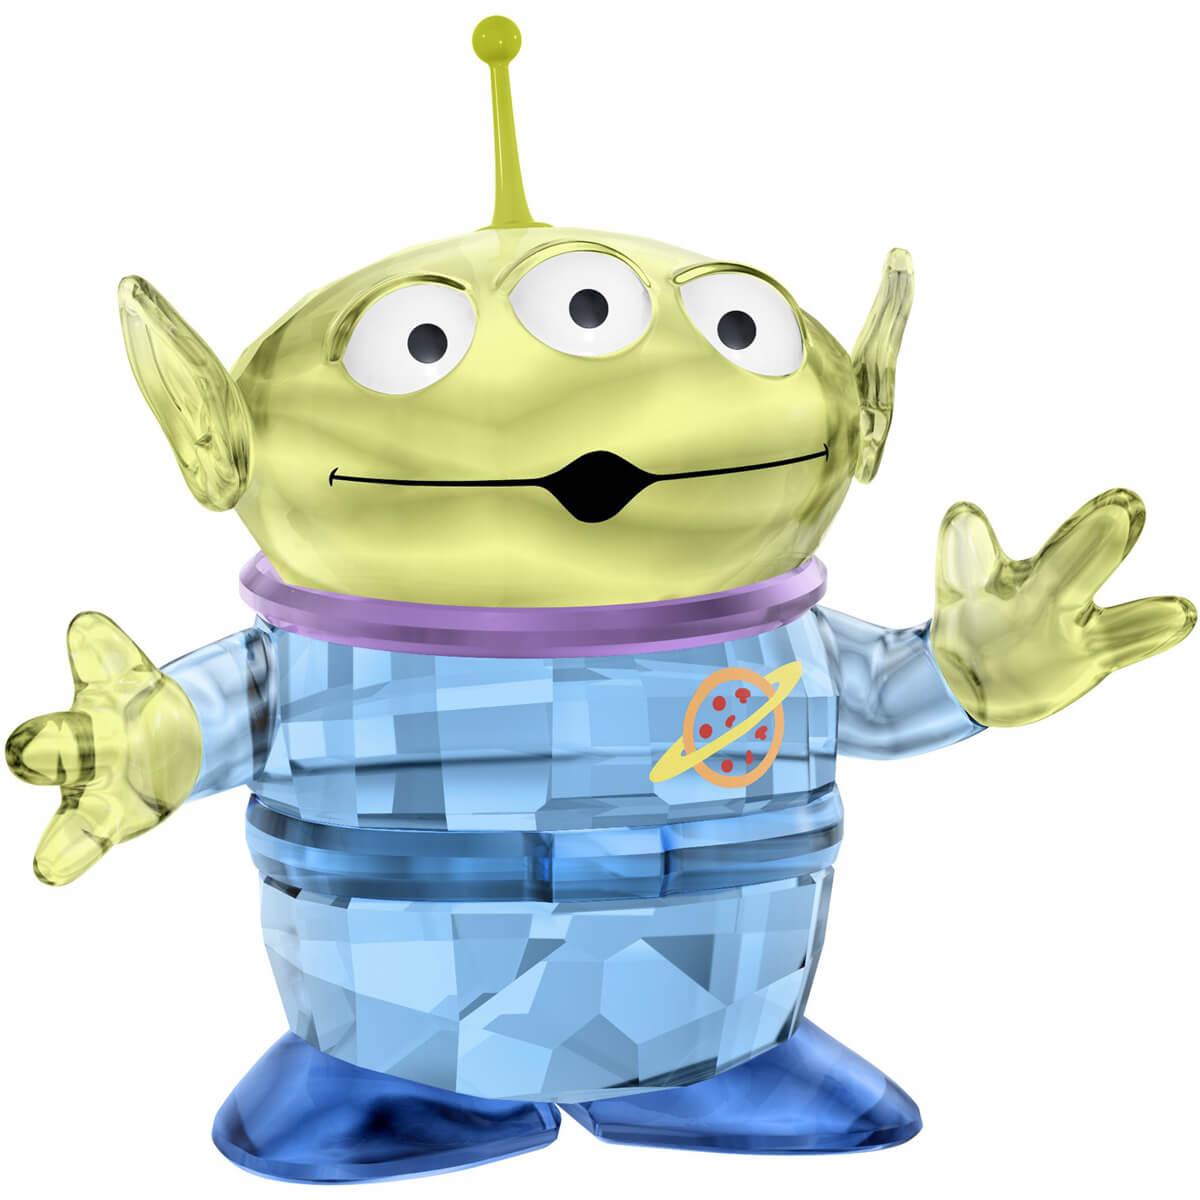 インテリア小物・置物, 置物 SWAROVSKI Disney Pixars Toy StoryDisneyzone